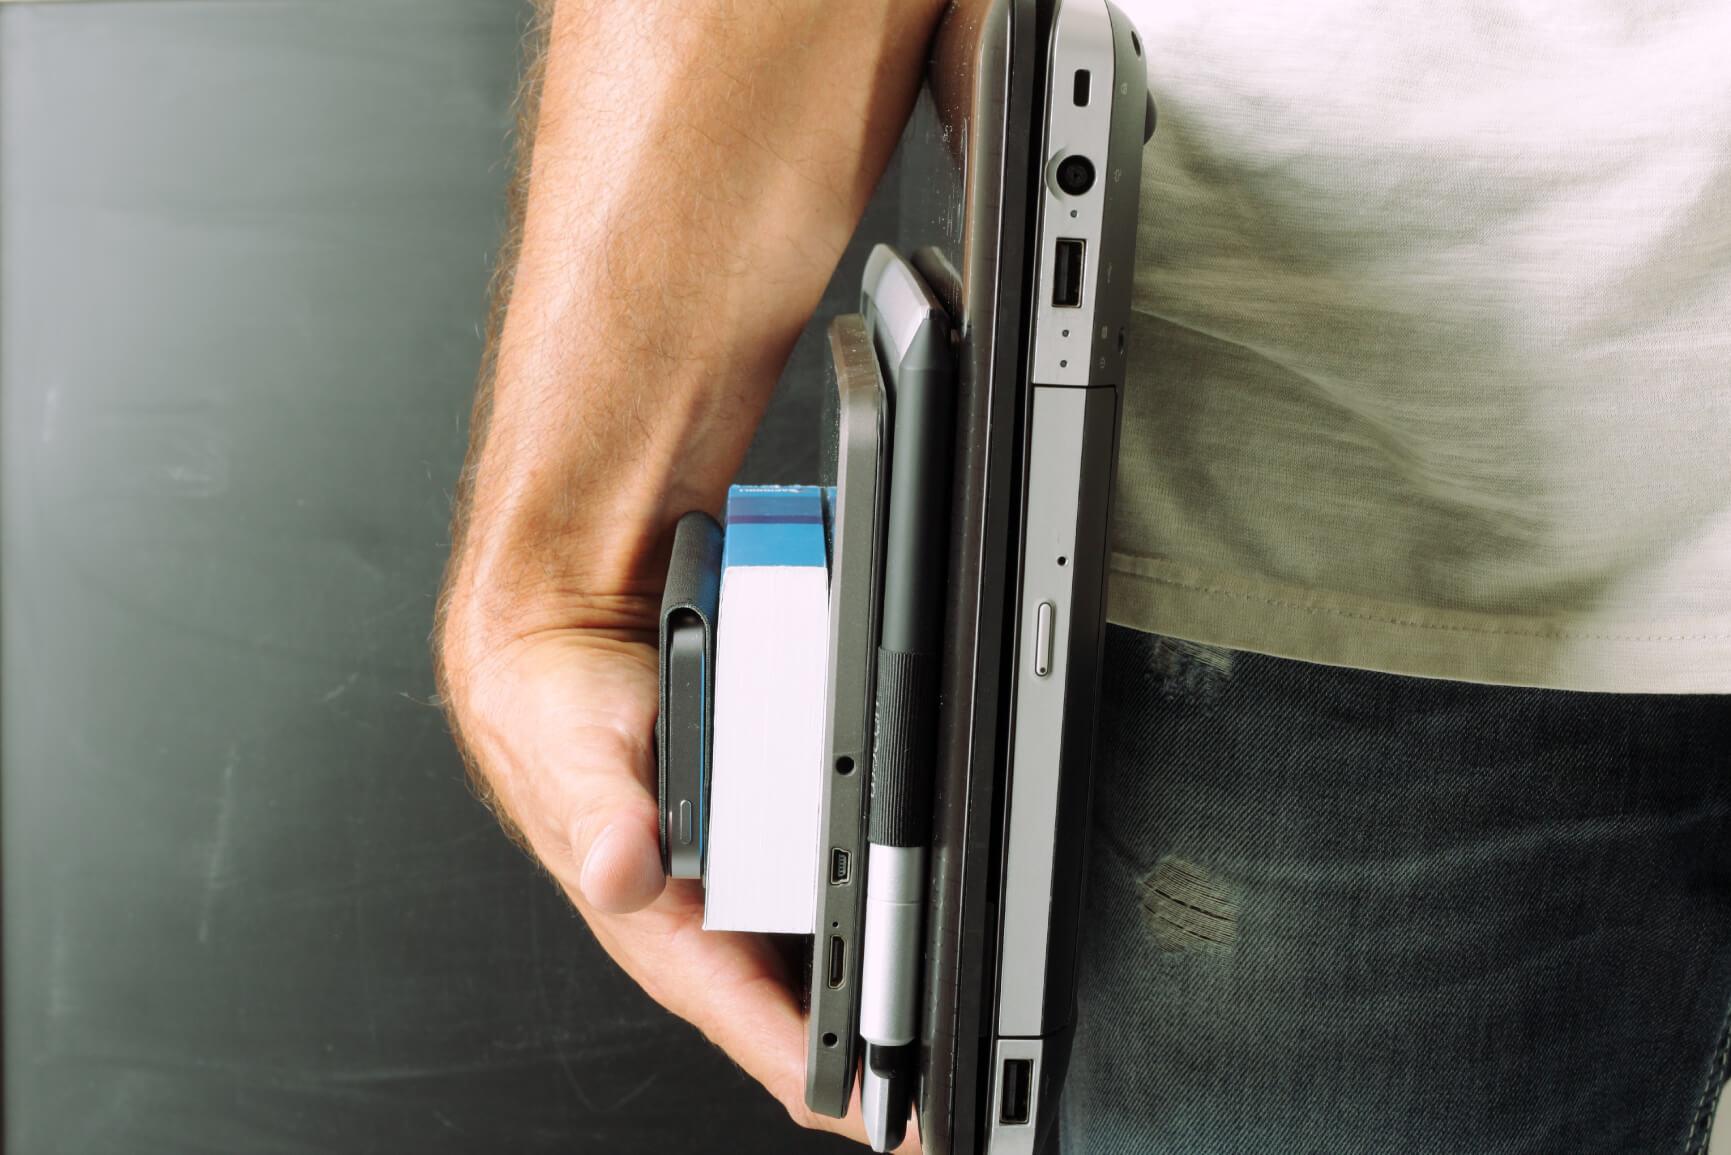 bras homme pc outils numérique